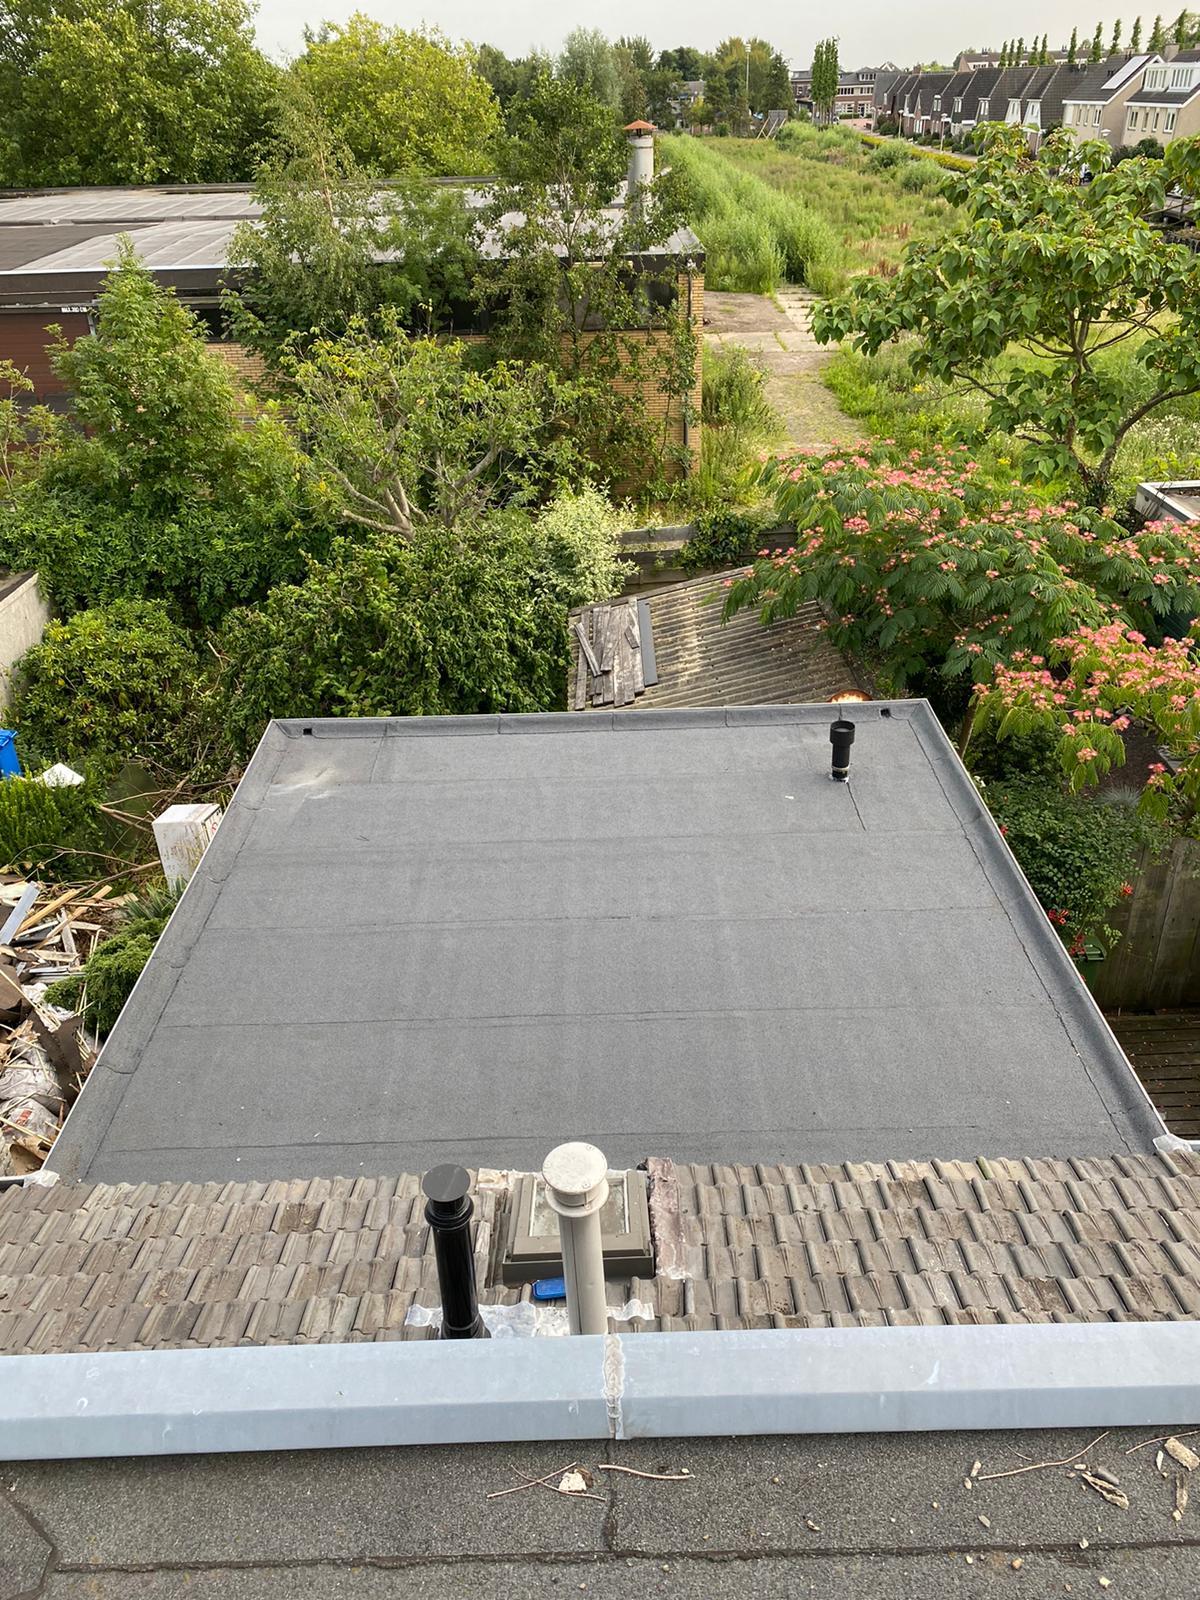 Den Haag - Lekkage herstel / verwijderen grind / vervangen lood en overlagen dak met bitumen